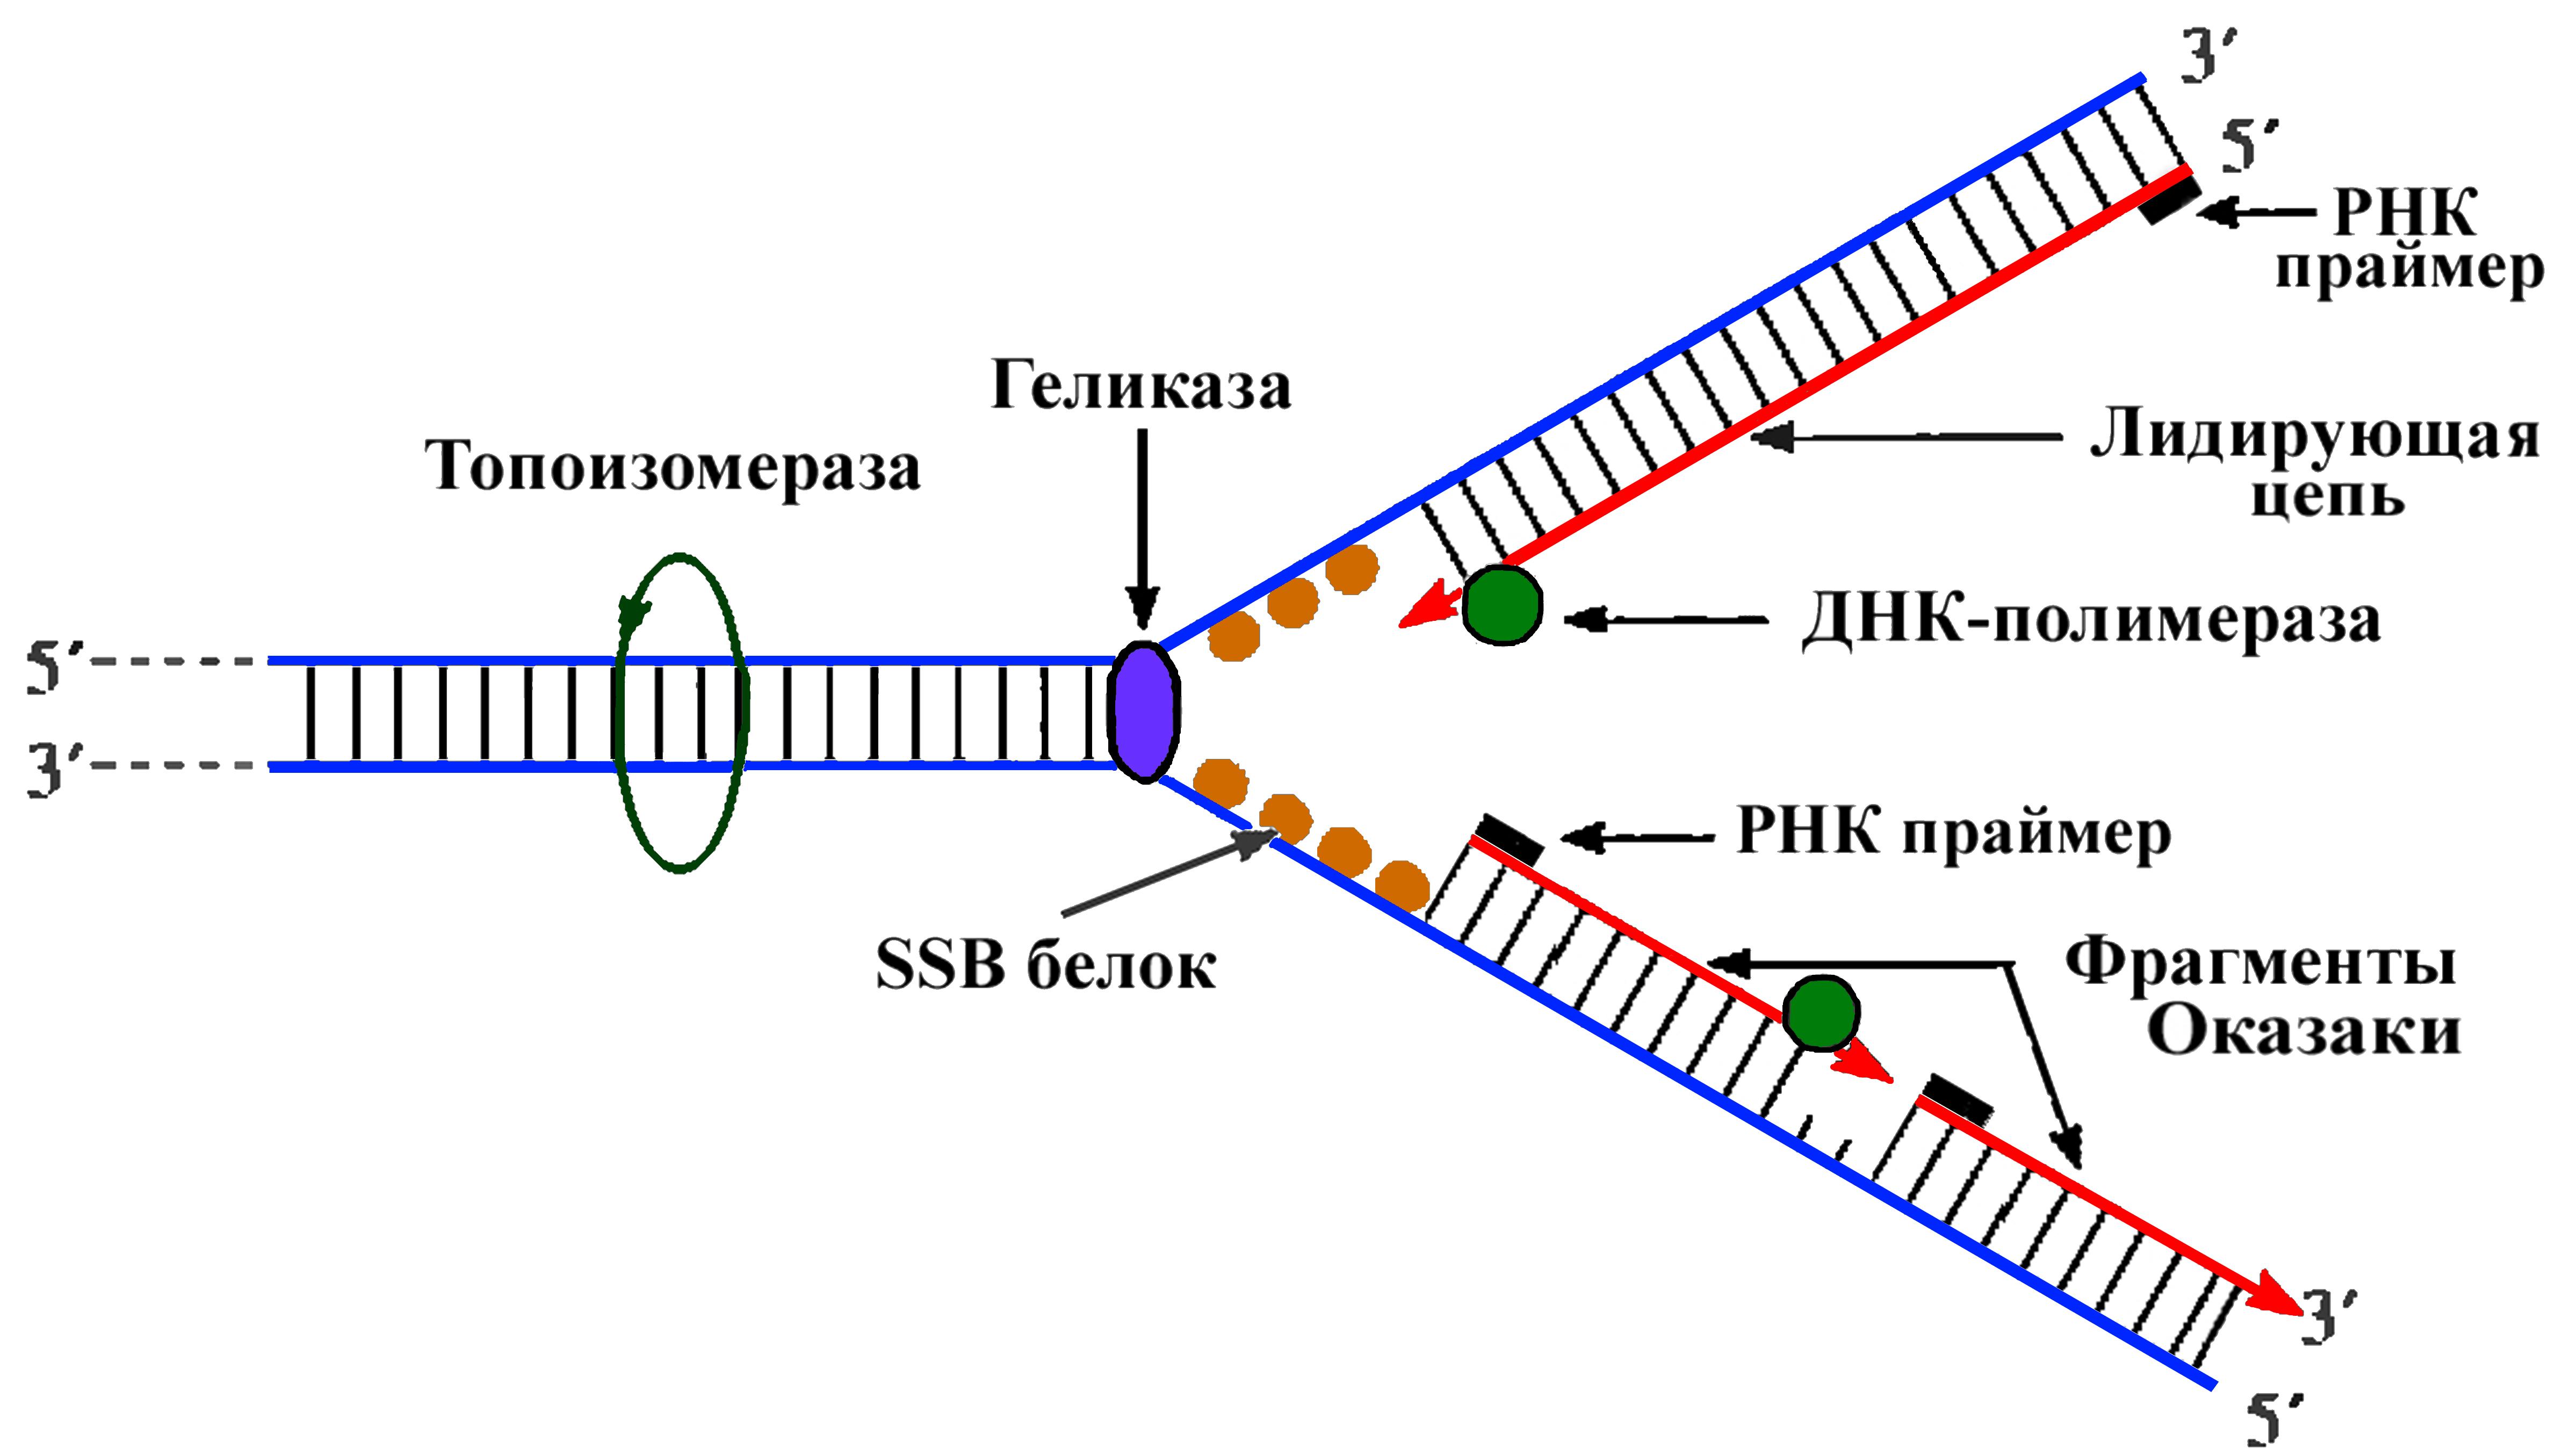 Репликация в биологии - это важный молекулярный процесс клеток организма